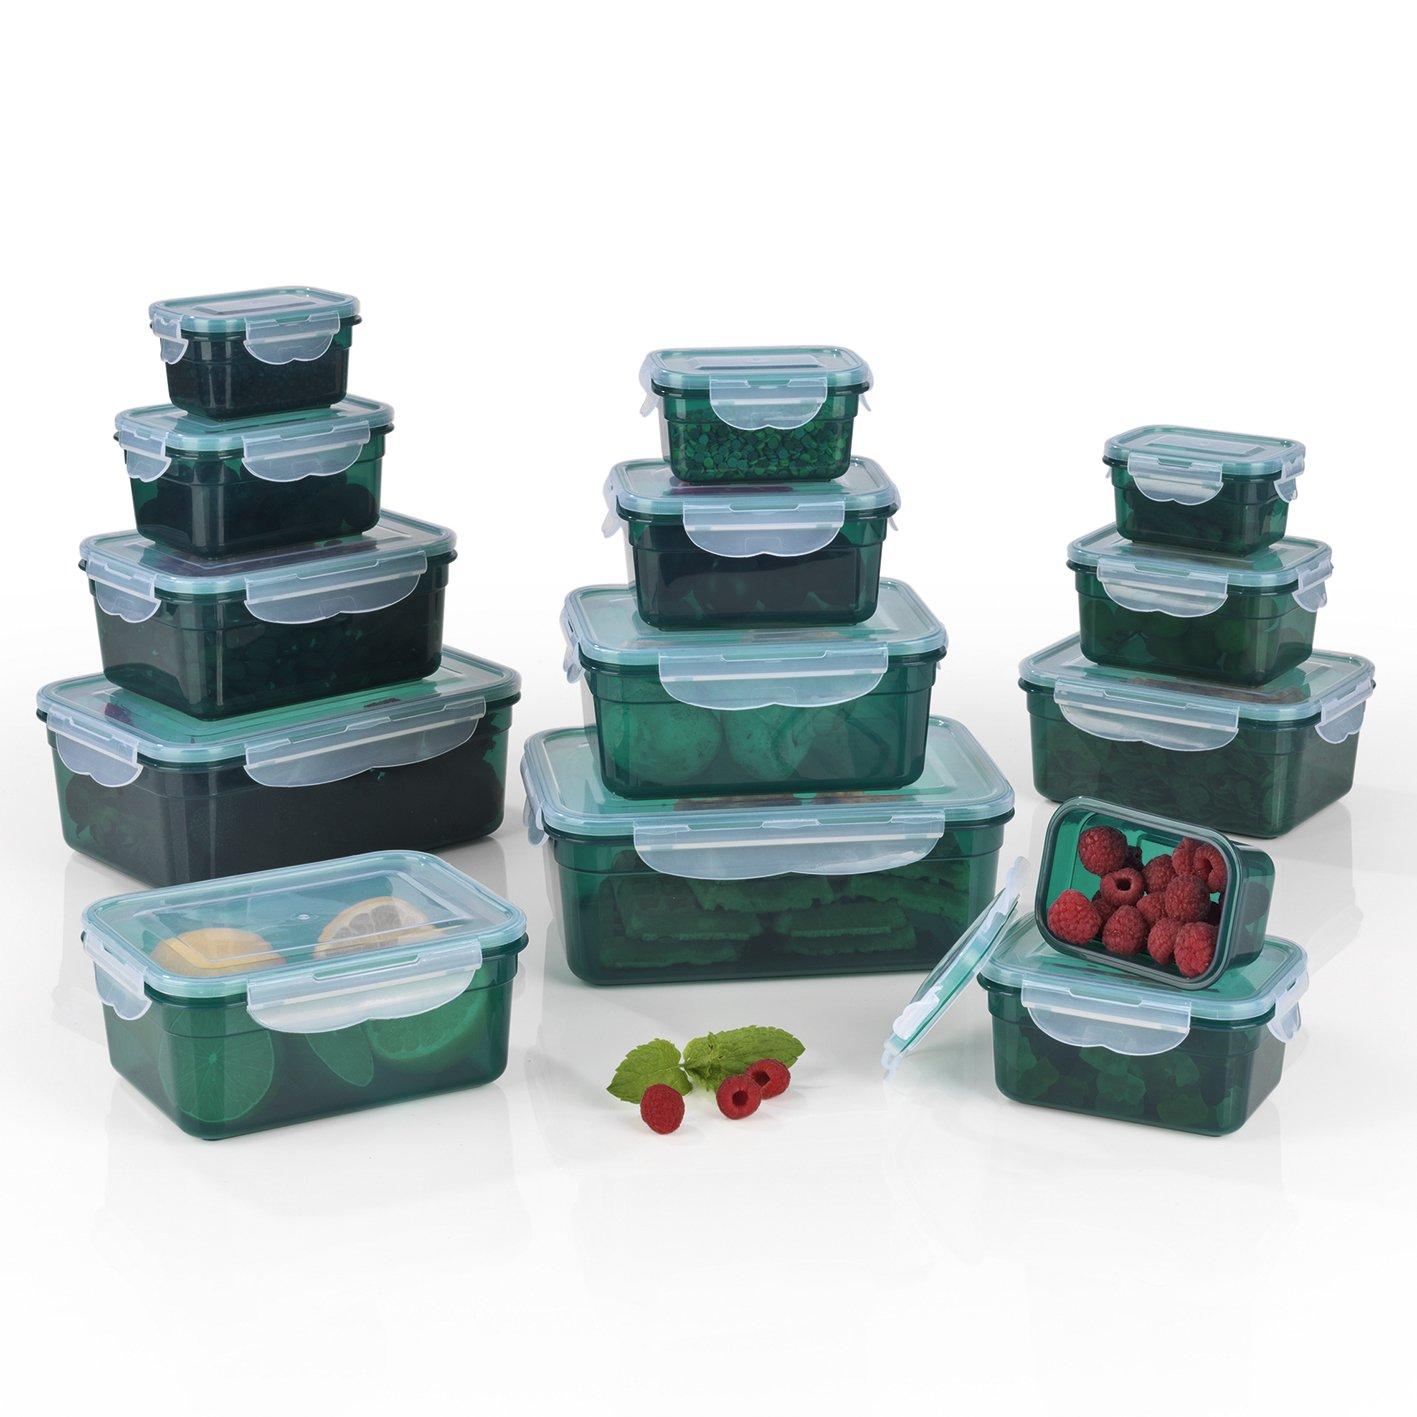 Recipientes herméticos Gourmet Maxx, adecuados para microondas, congelador y lavavajillas, Silicona, Smaragdgrün, 2 Unidades